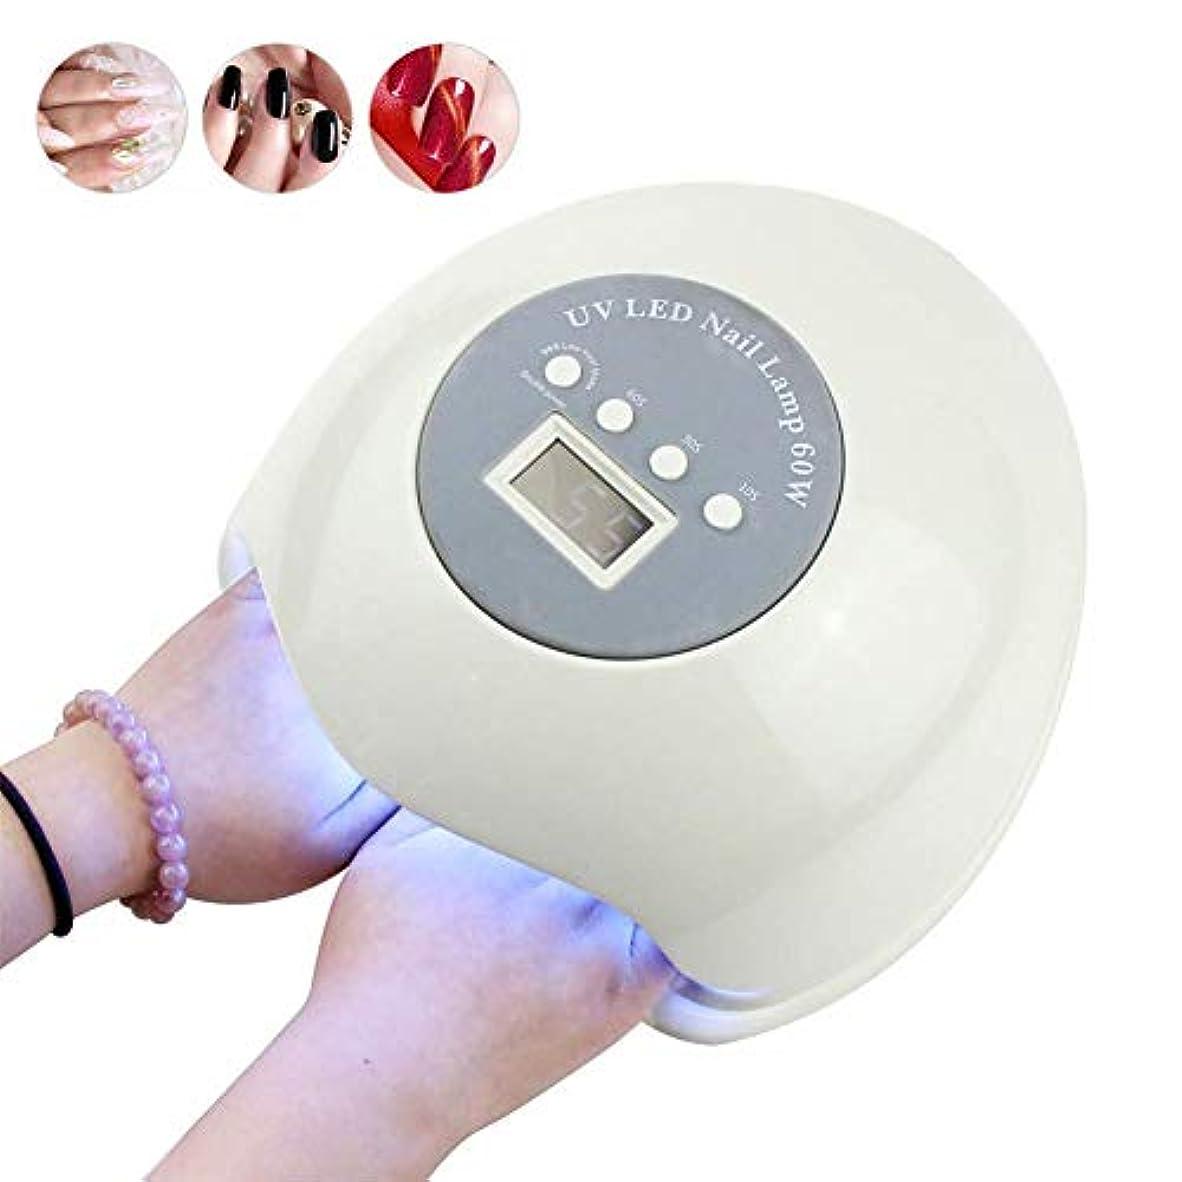 崇拝します伸ばす昼寝Ledネイルライト60ワットネイルドライヤー硬化uvジェルニスマニキュア乾燥光線療法機で液晶タイマーディスプレイ